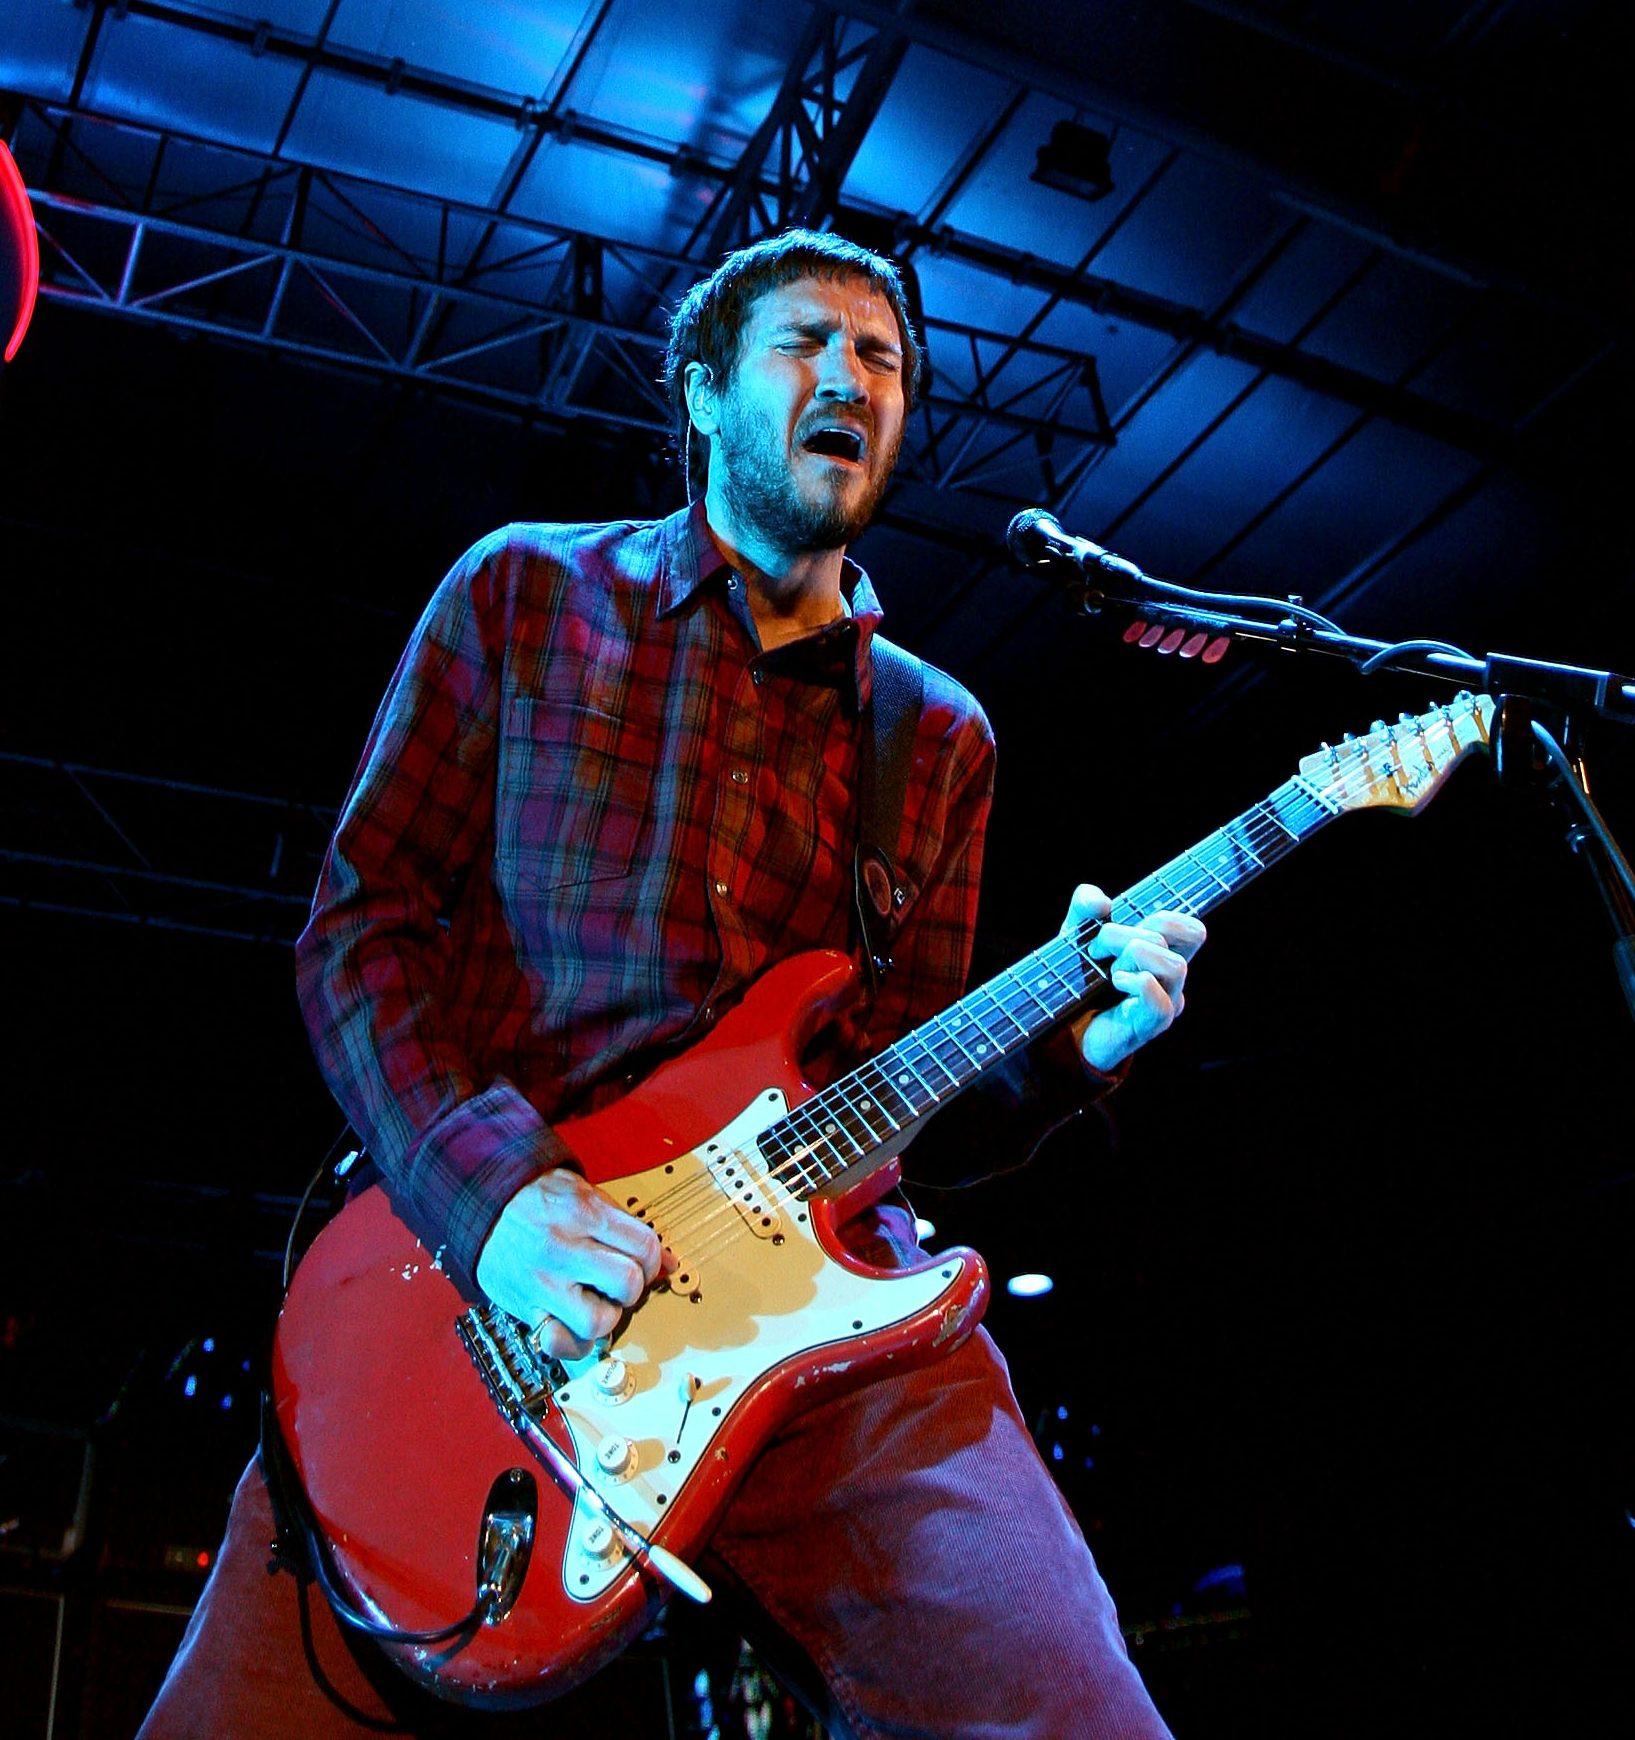 John Frusciante è rientrato nei Red Hot Chili Peppers